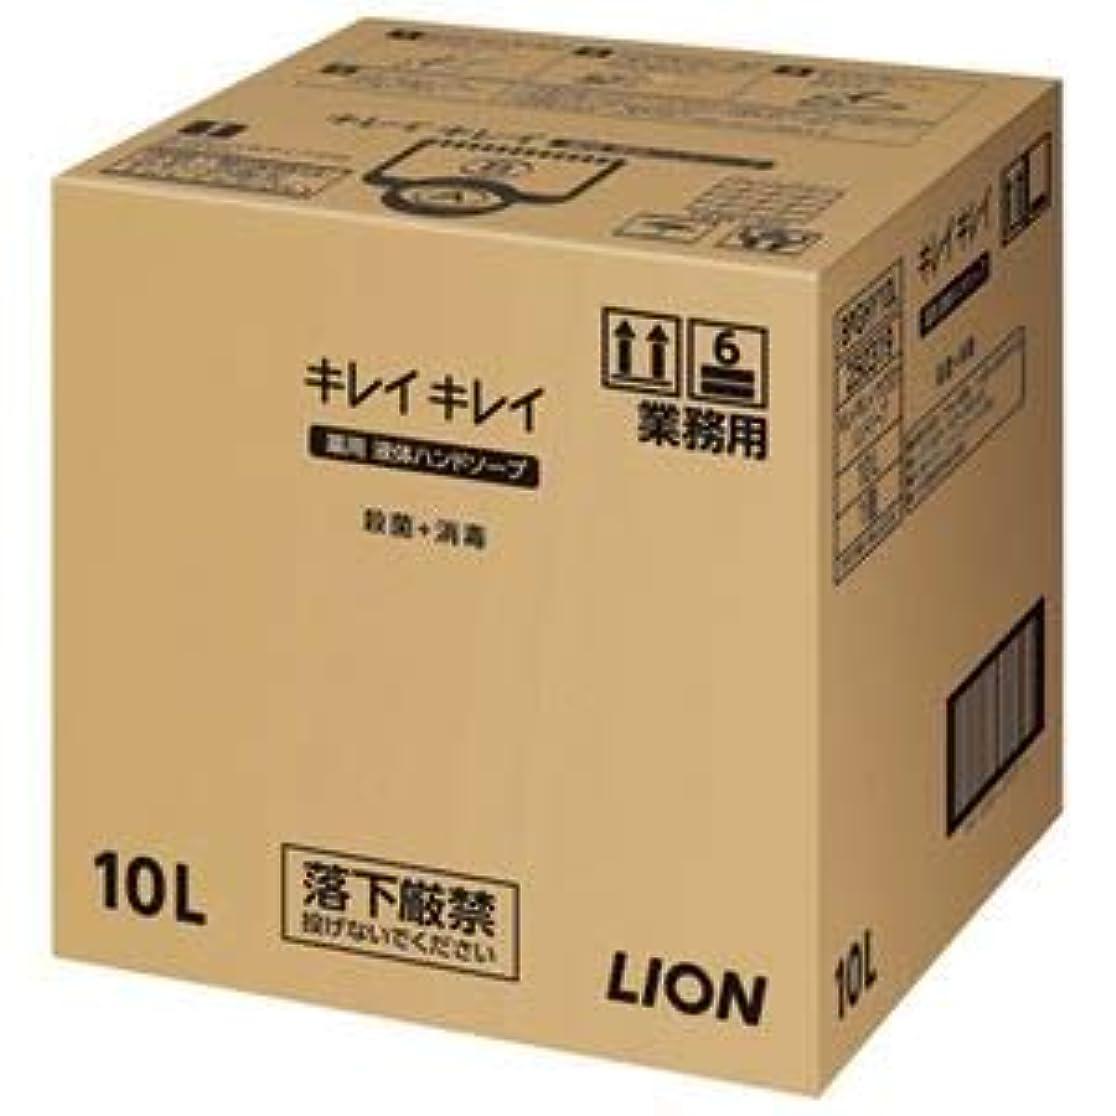 対アセグラムライオン キレイキレイ 薬用ハンドソープ 10L